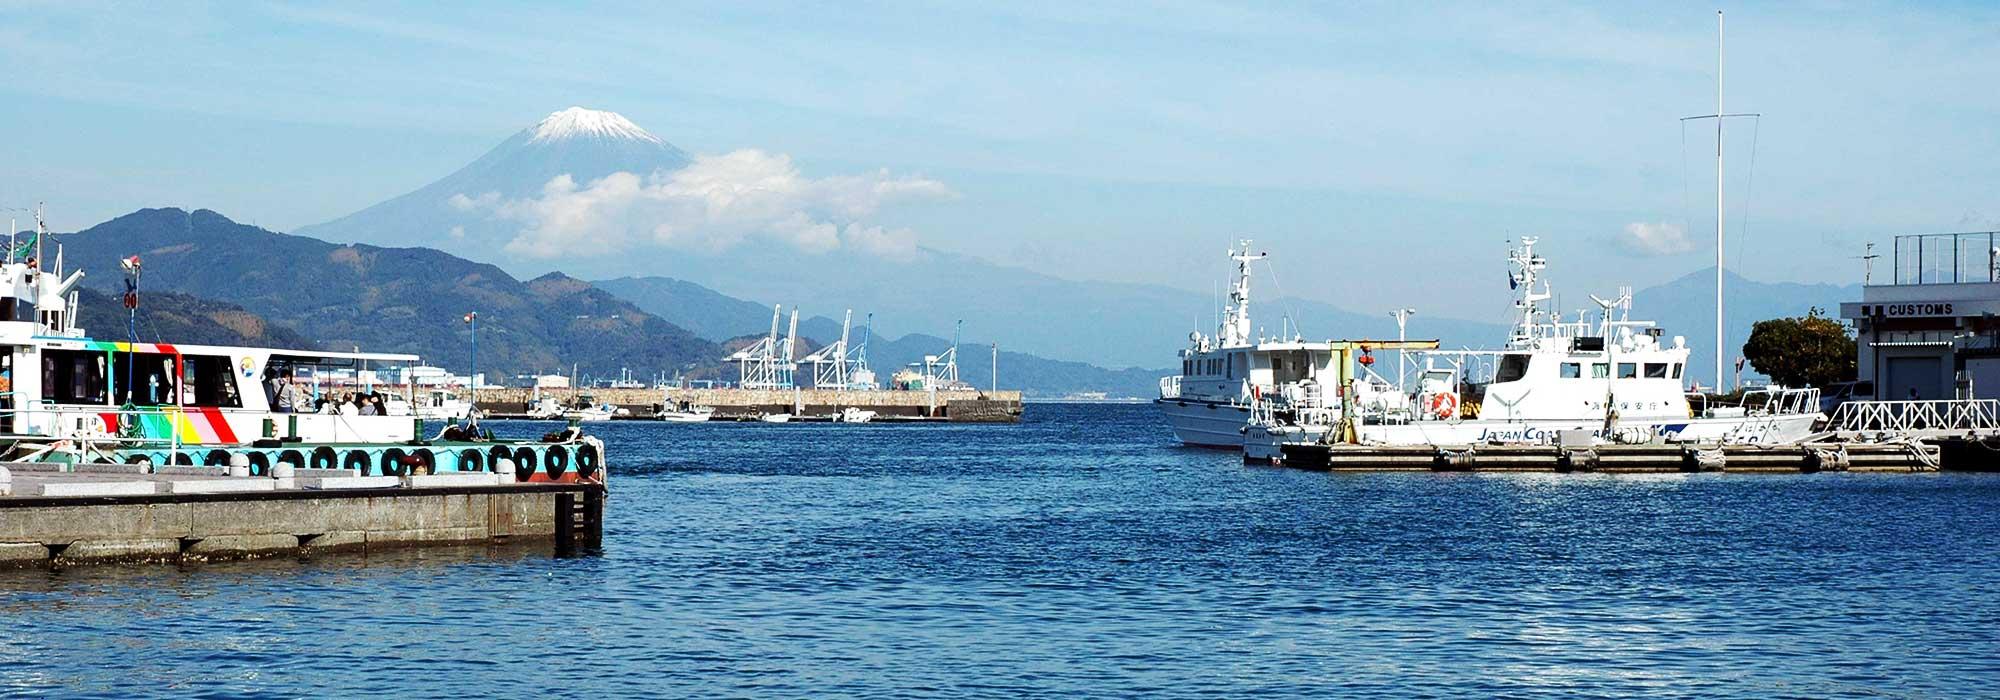 港湾運航管理システム